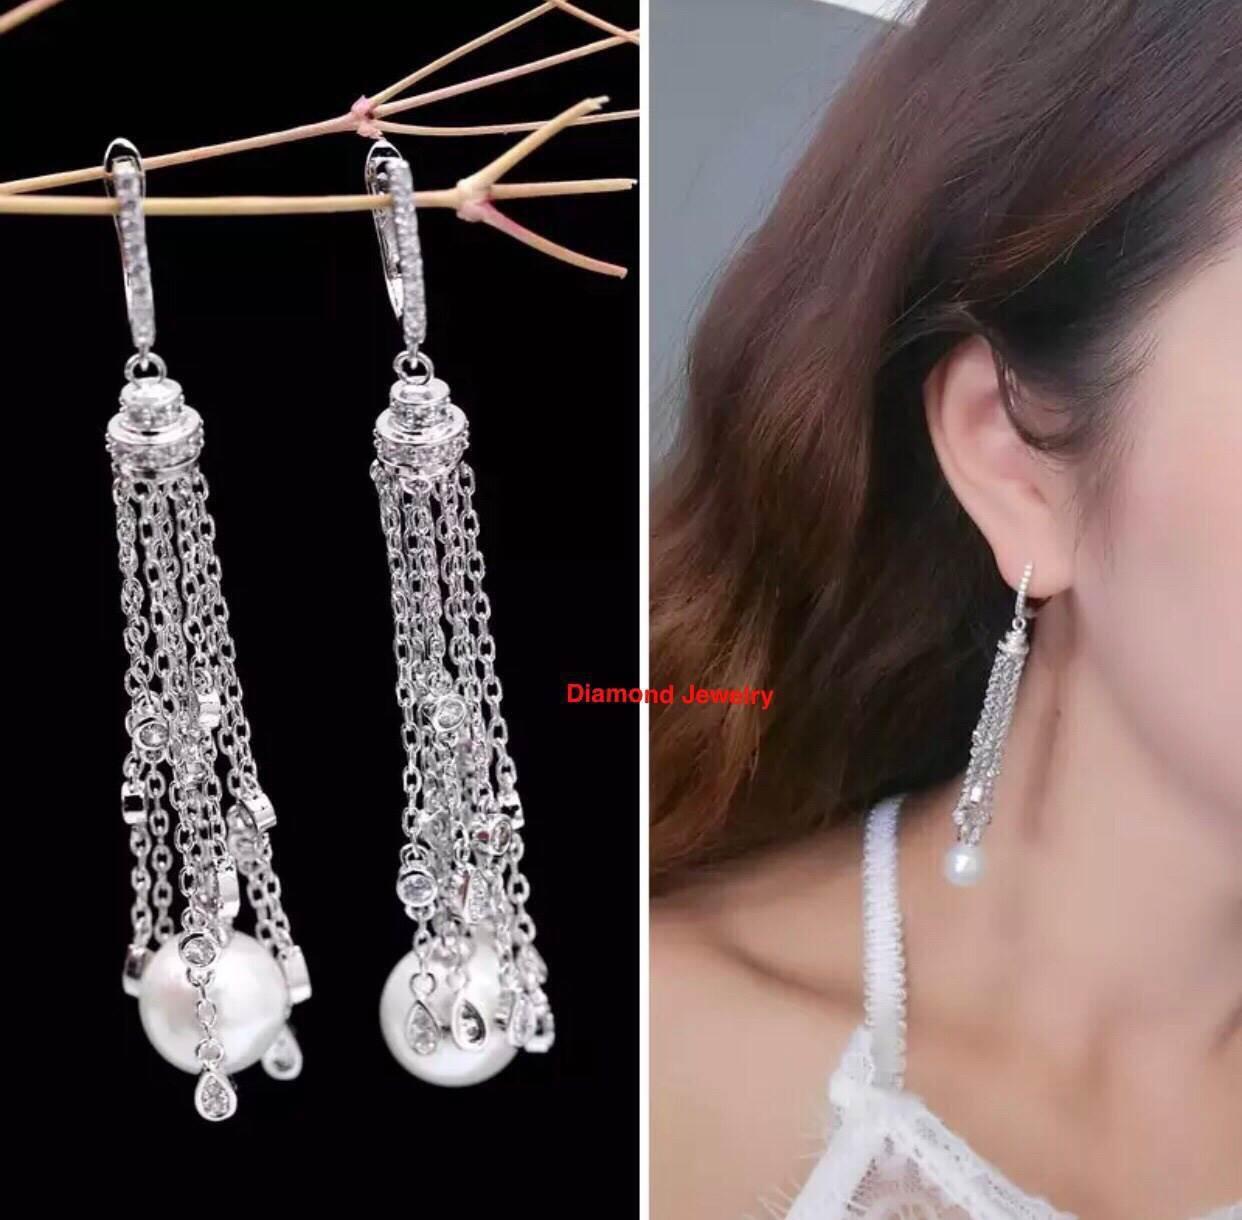 พร้อมส่ง Diamond Earring งานเพชร CZ แท้ประดับมุก